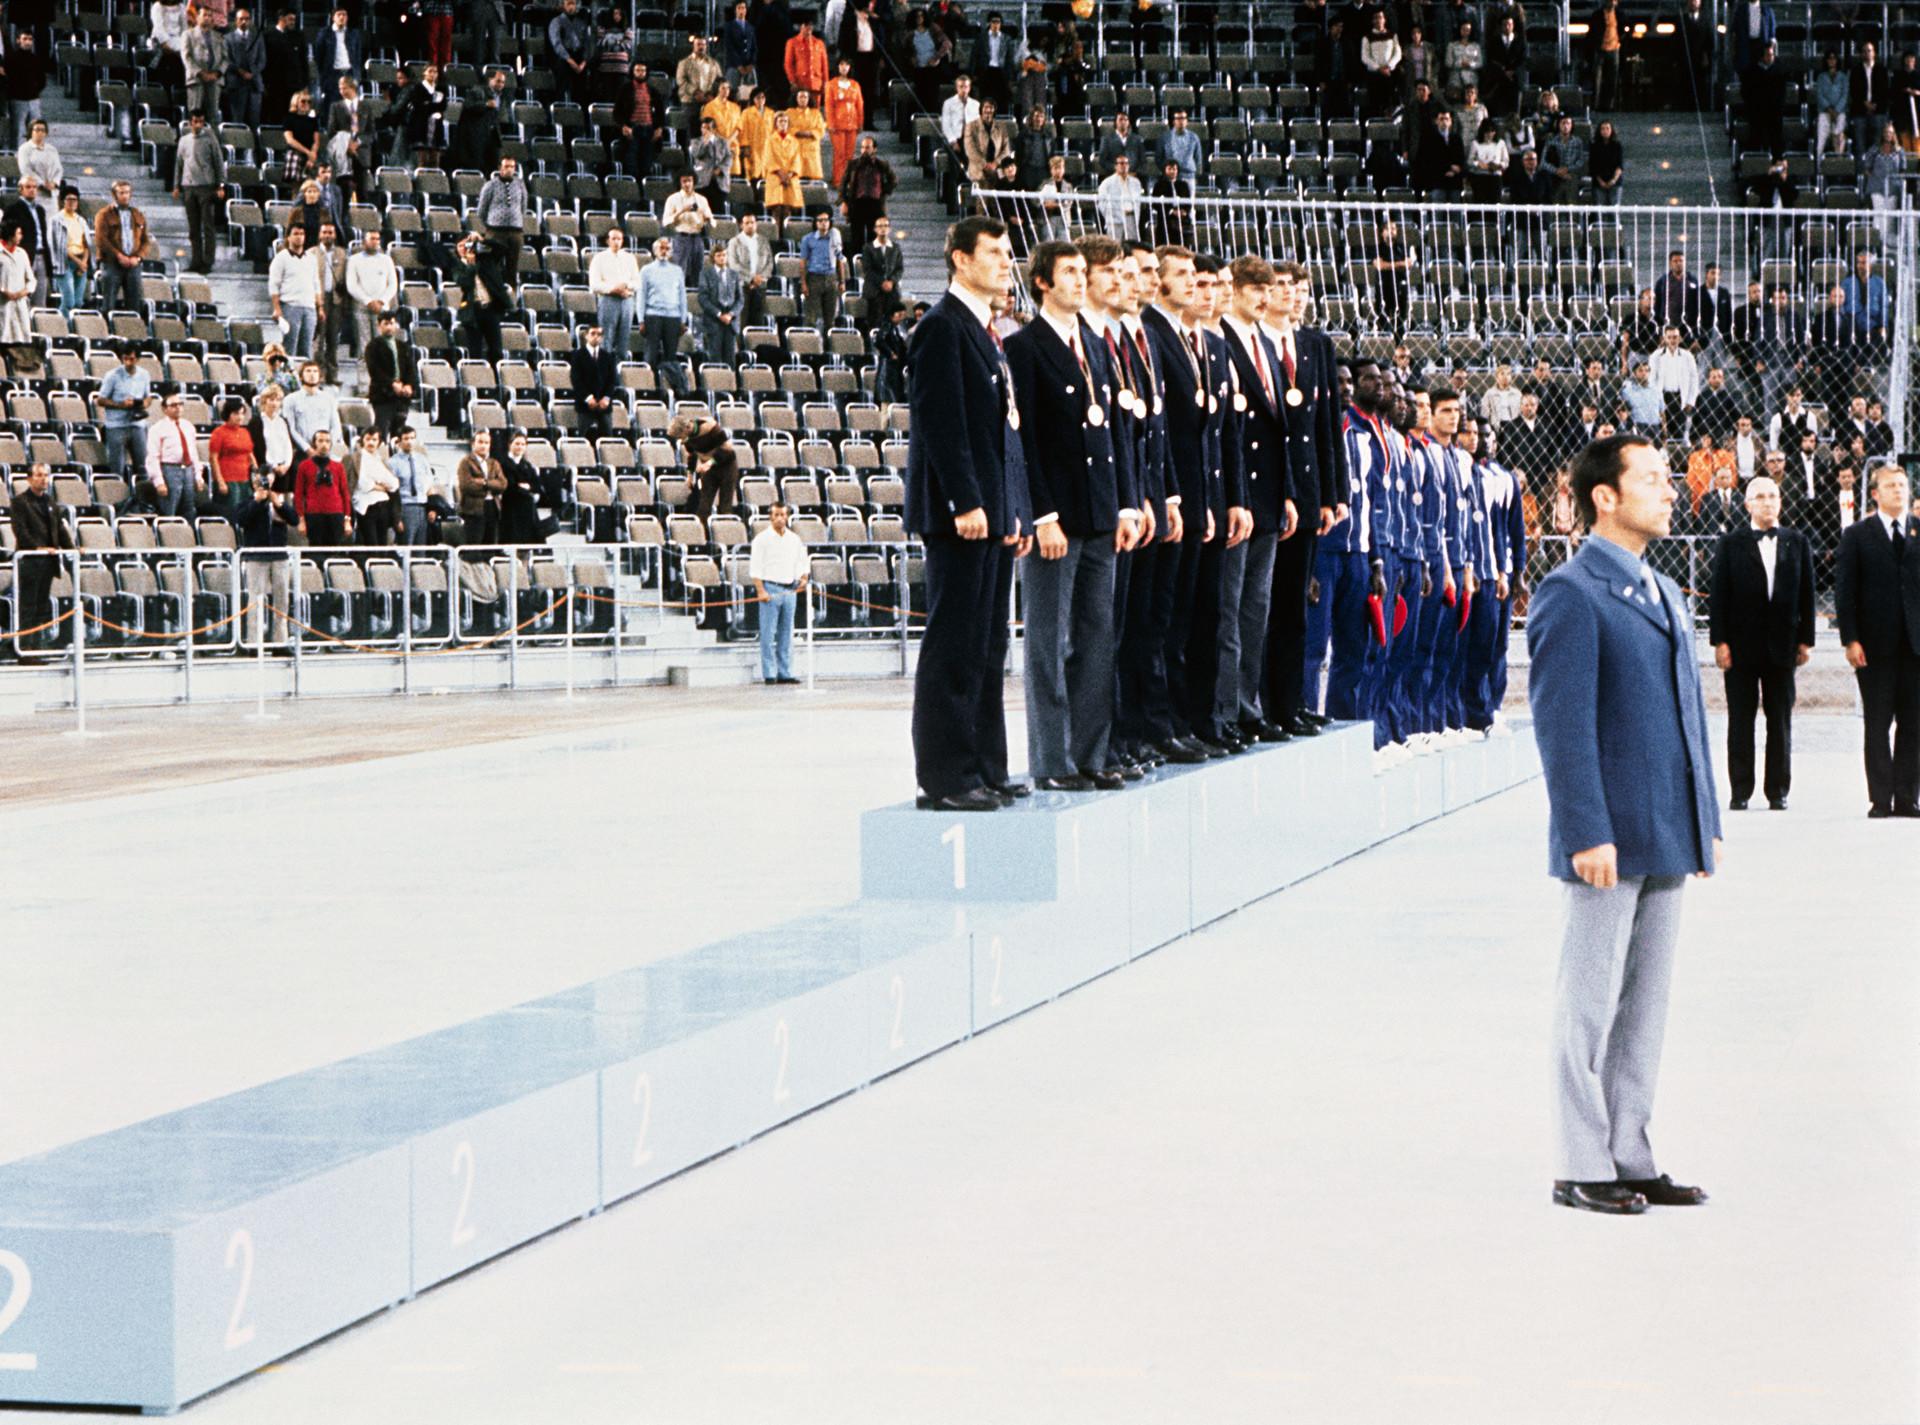 アメリカの選手たちは表彰式に現れず、銀メダルも受け取らなかった。